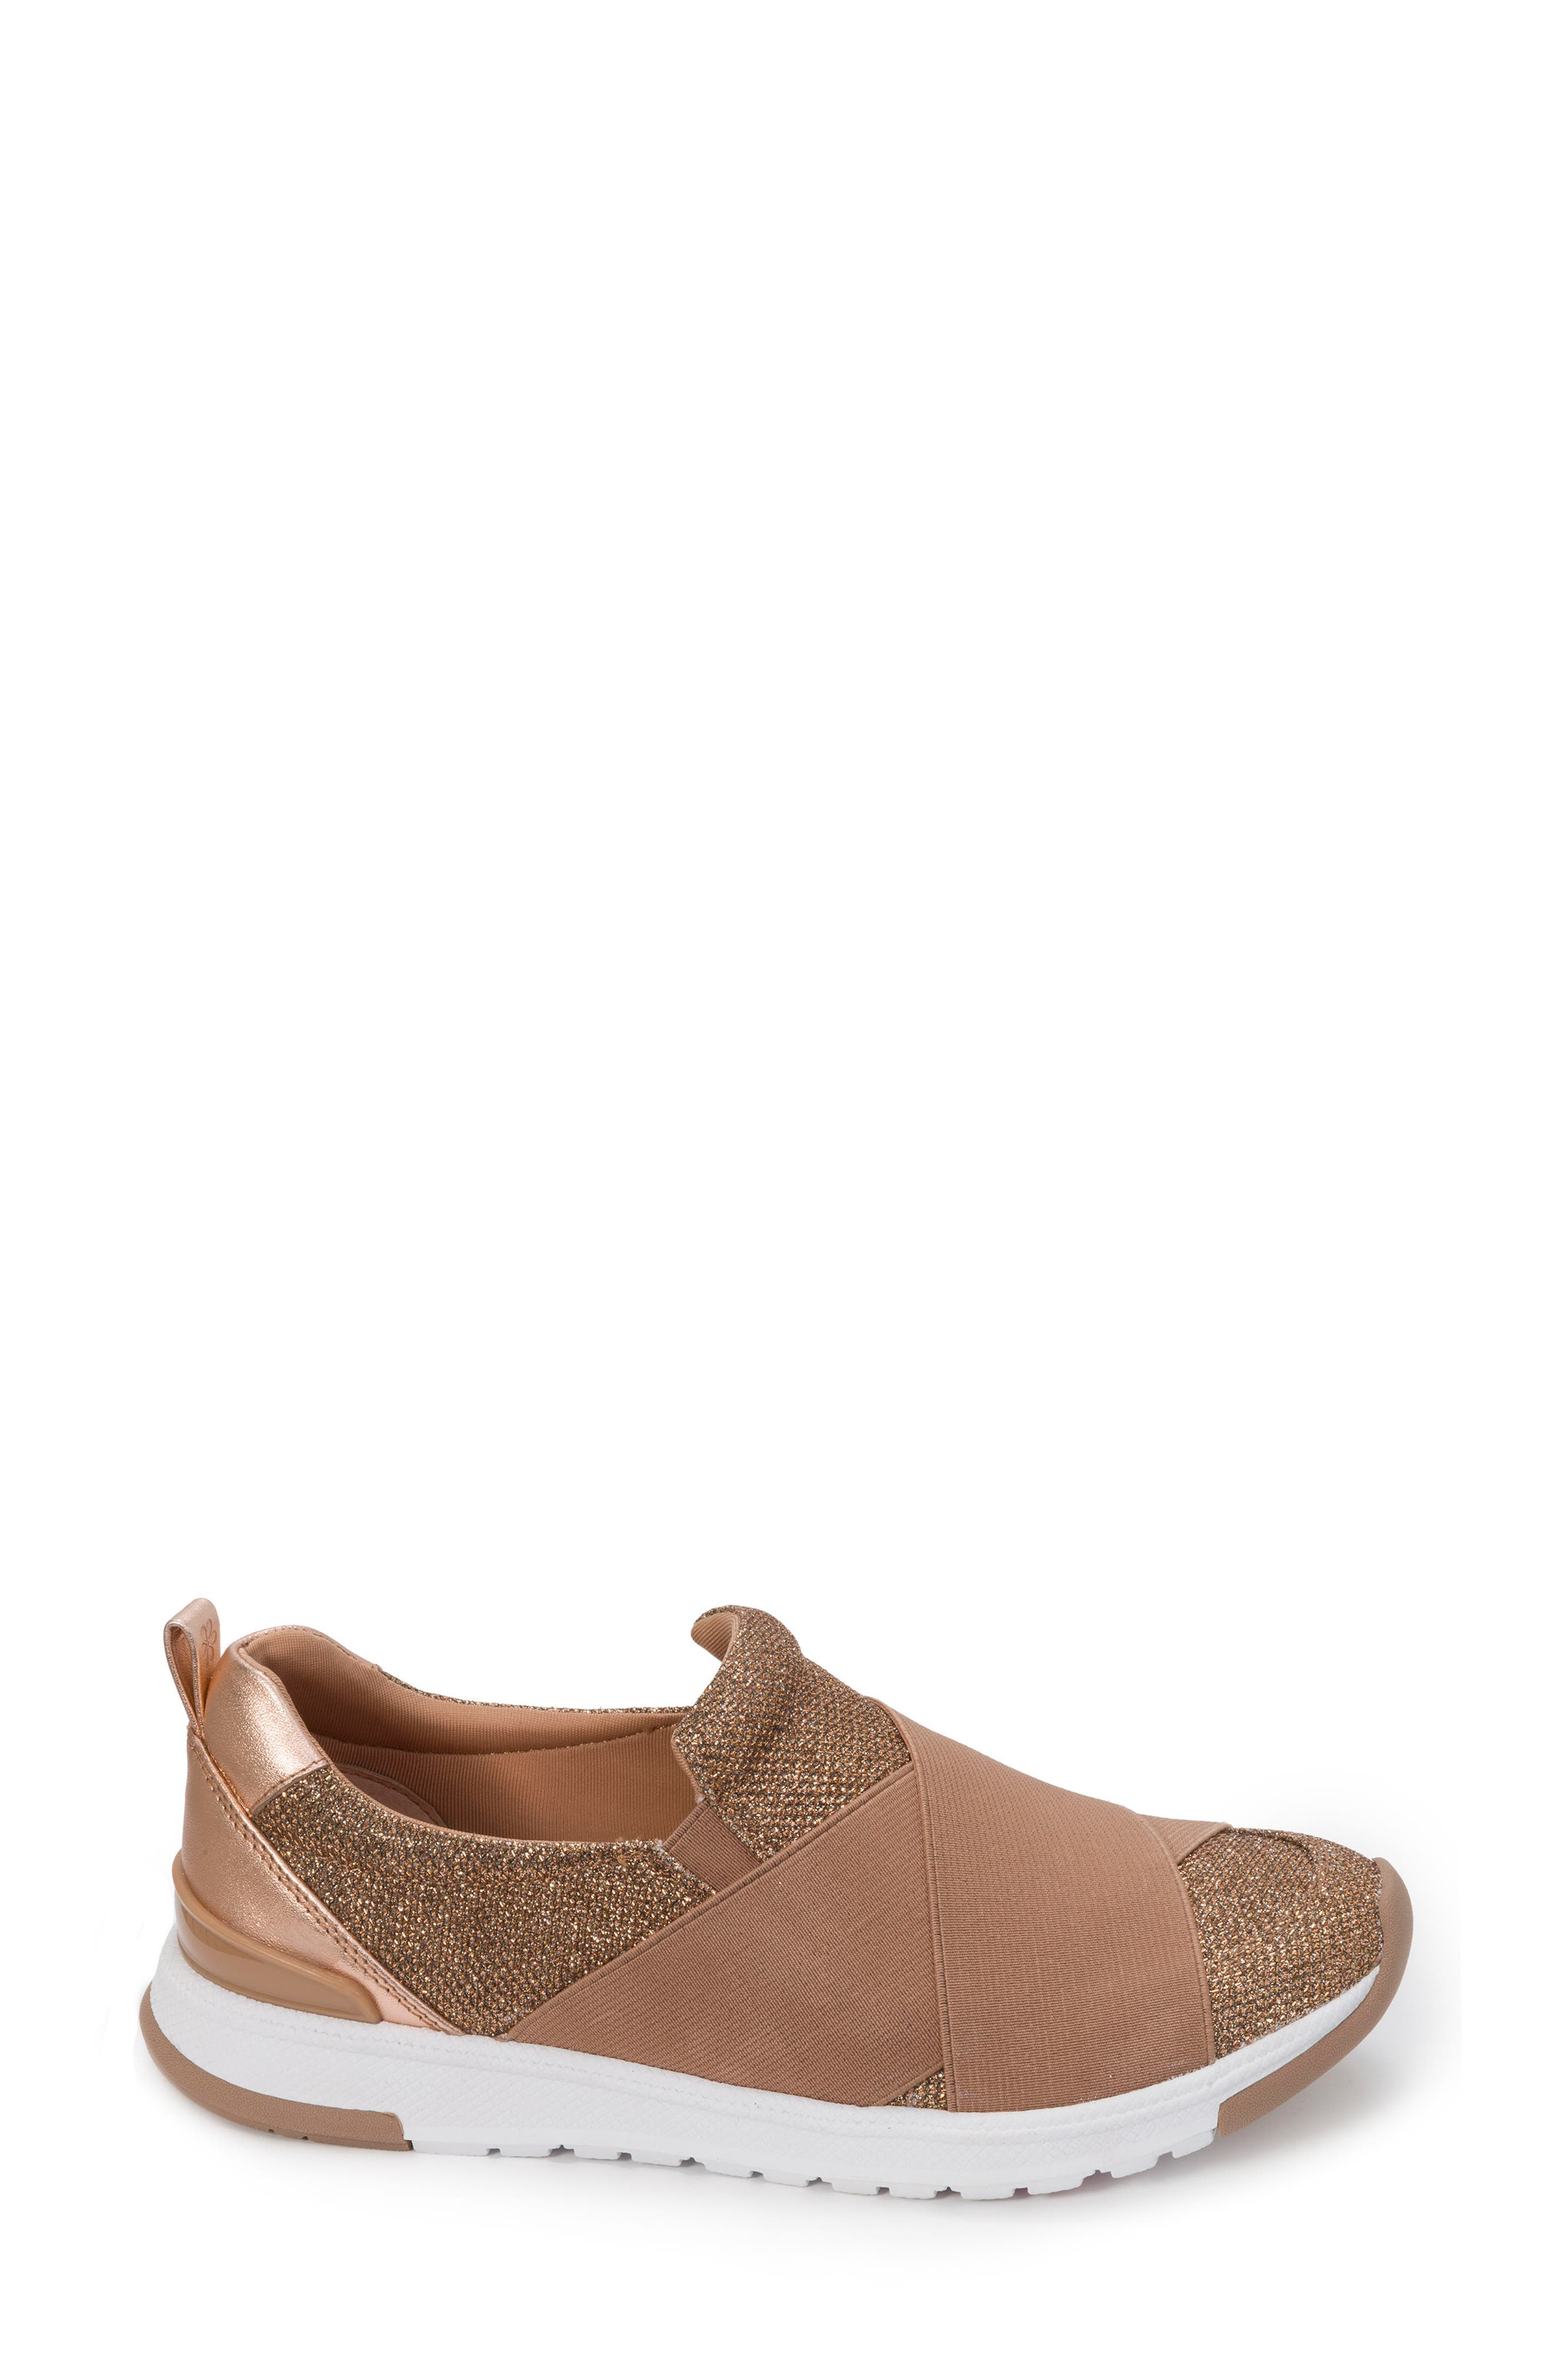 Slip-On Sneaker,                             Alternate thumbnail 3, color,                             Rose Gold Leather